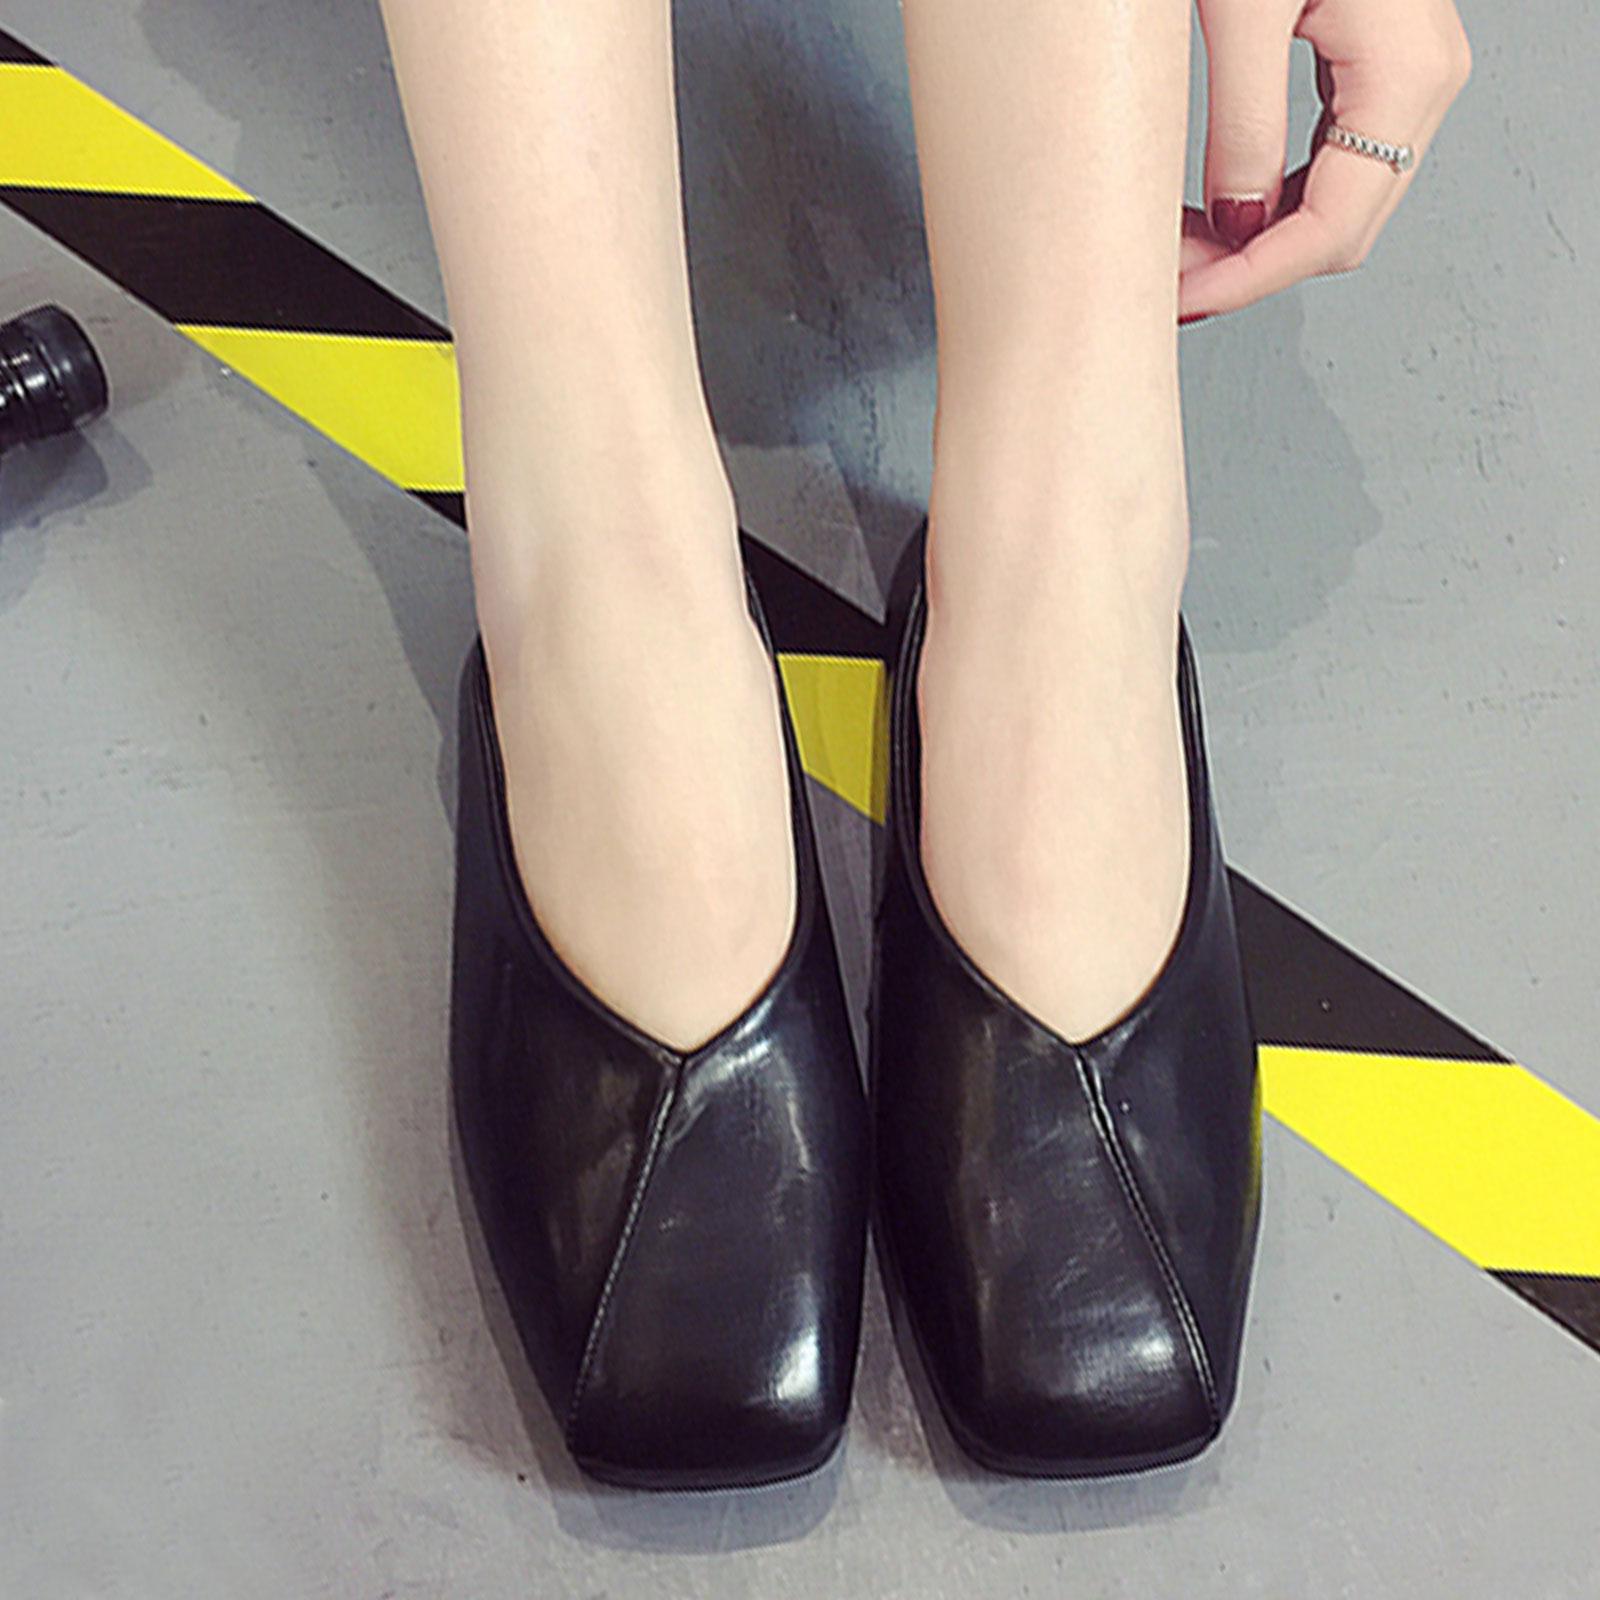 懶人鞋 奶奶鞋 韓版復古淺口方頭懶人鞋【S1681】☆雙兒網☆ 0